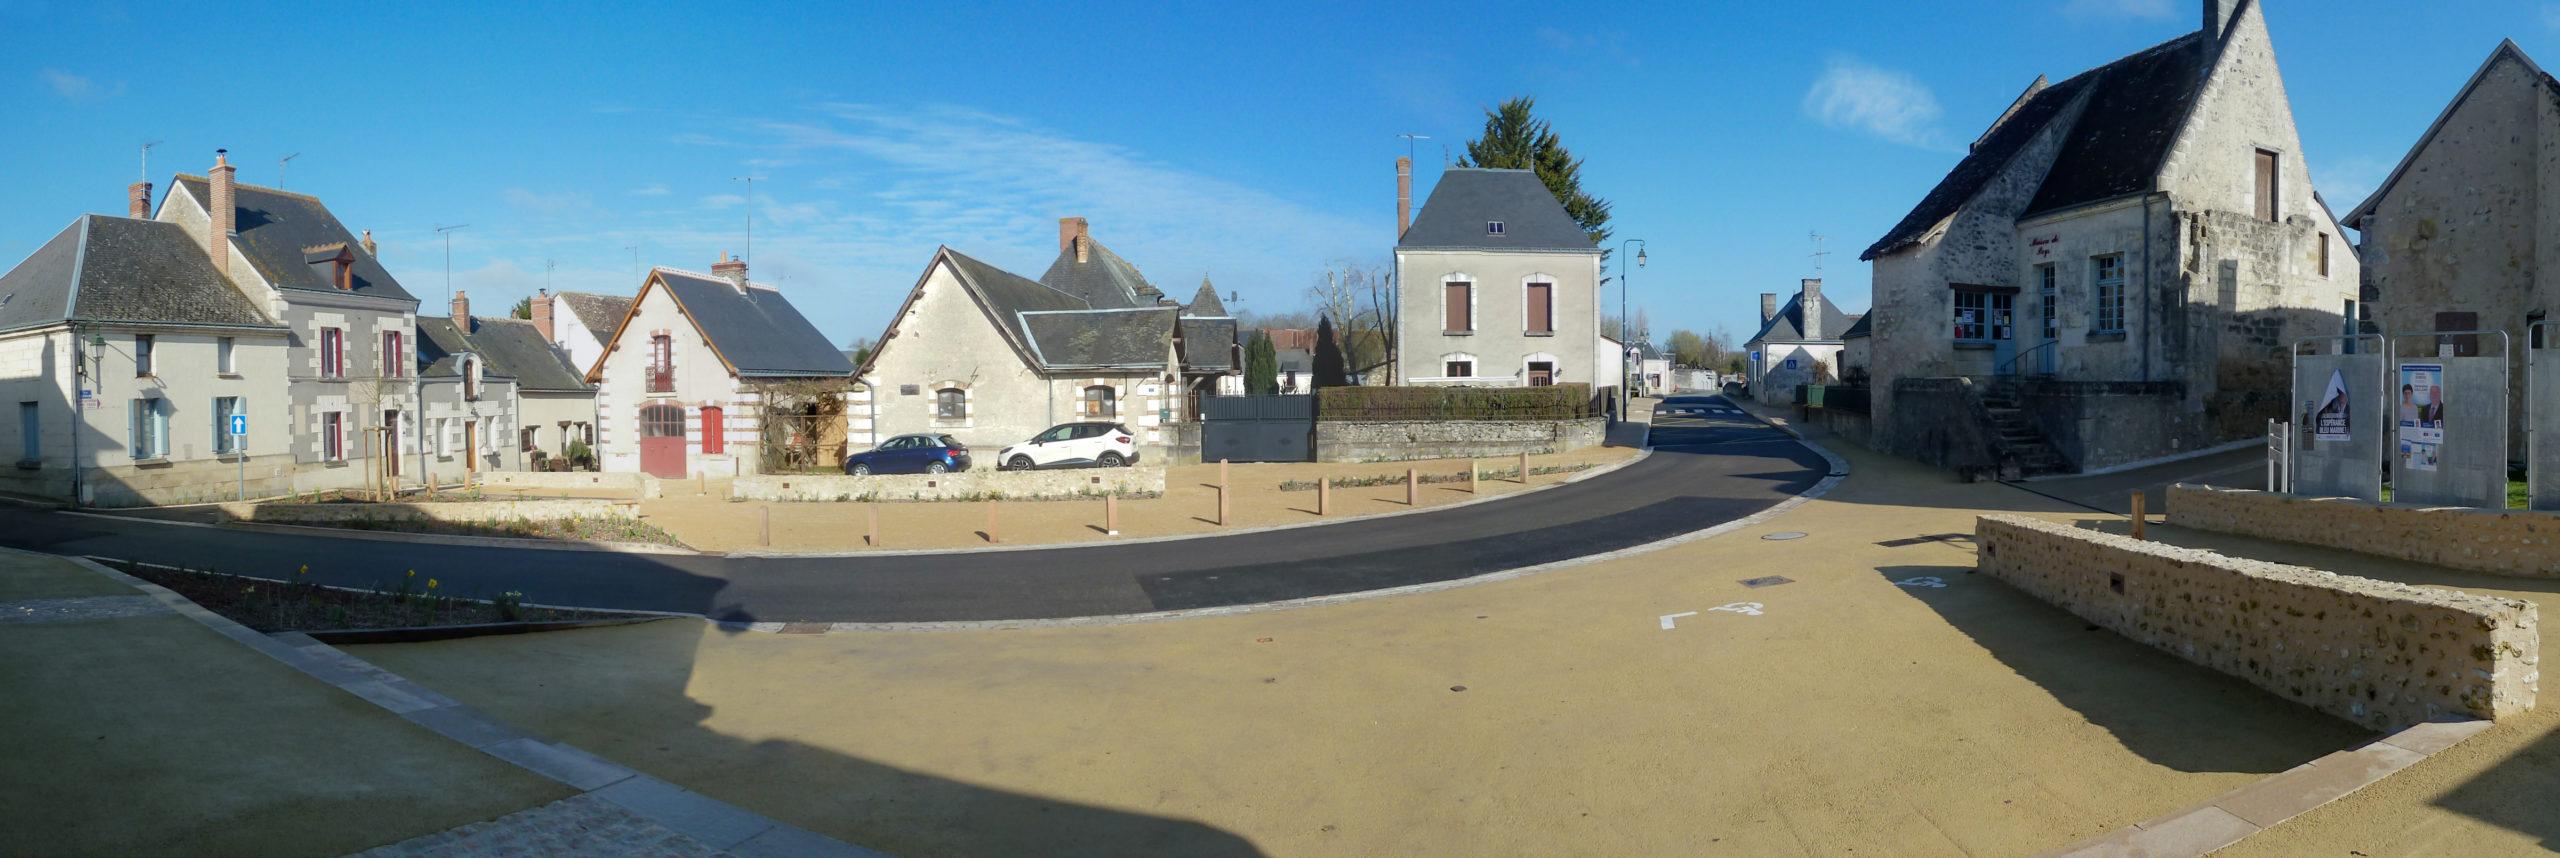 amenagement-place mairie-Louroux